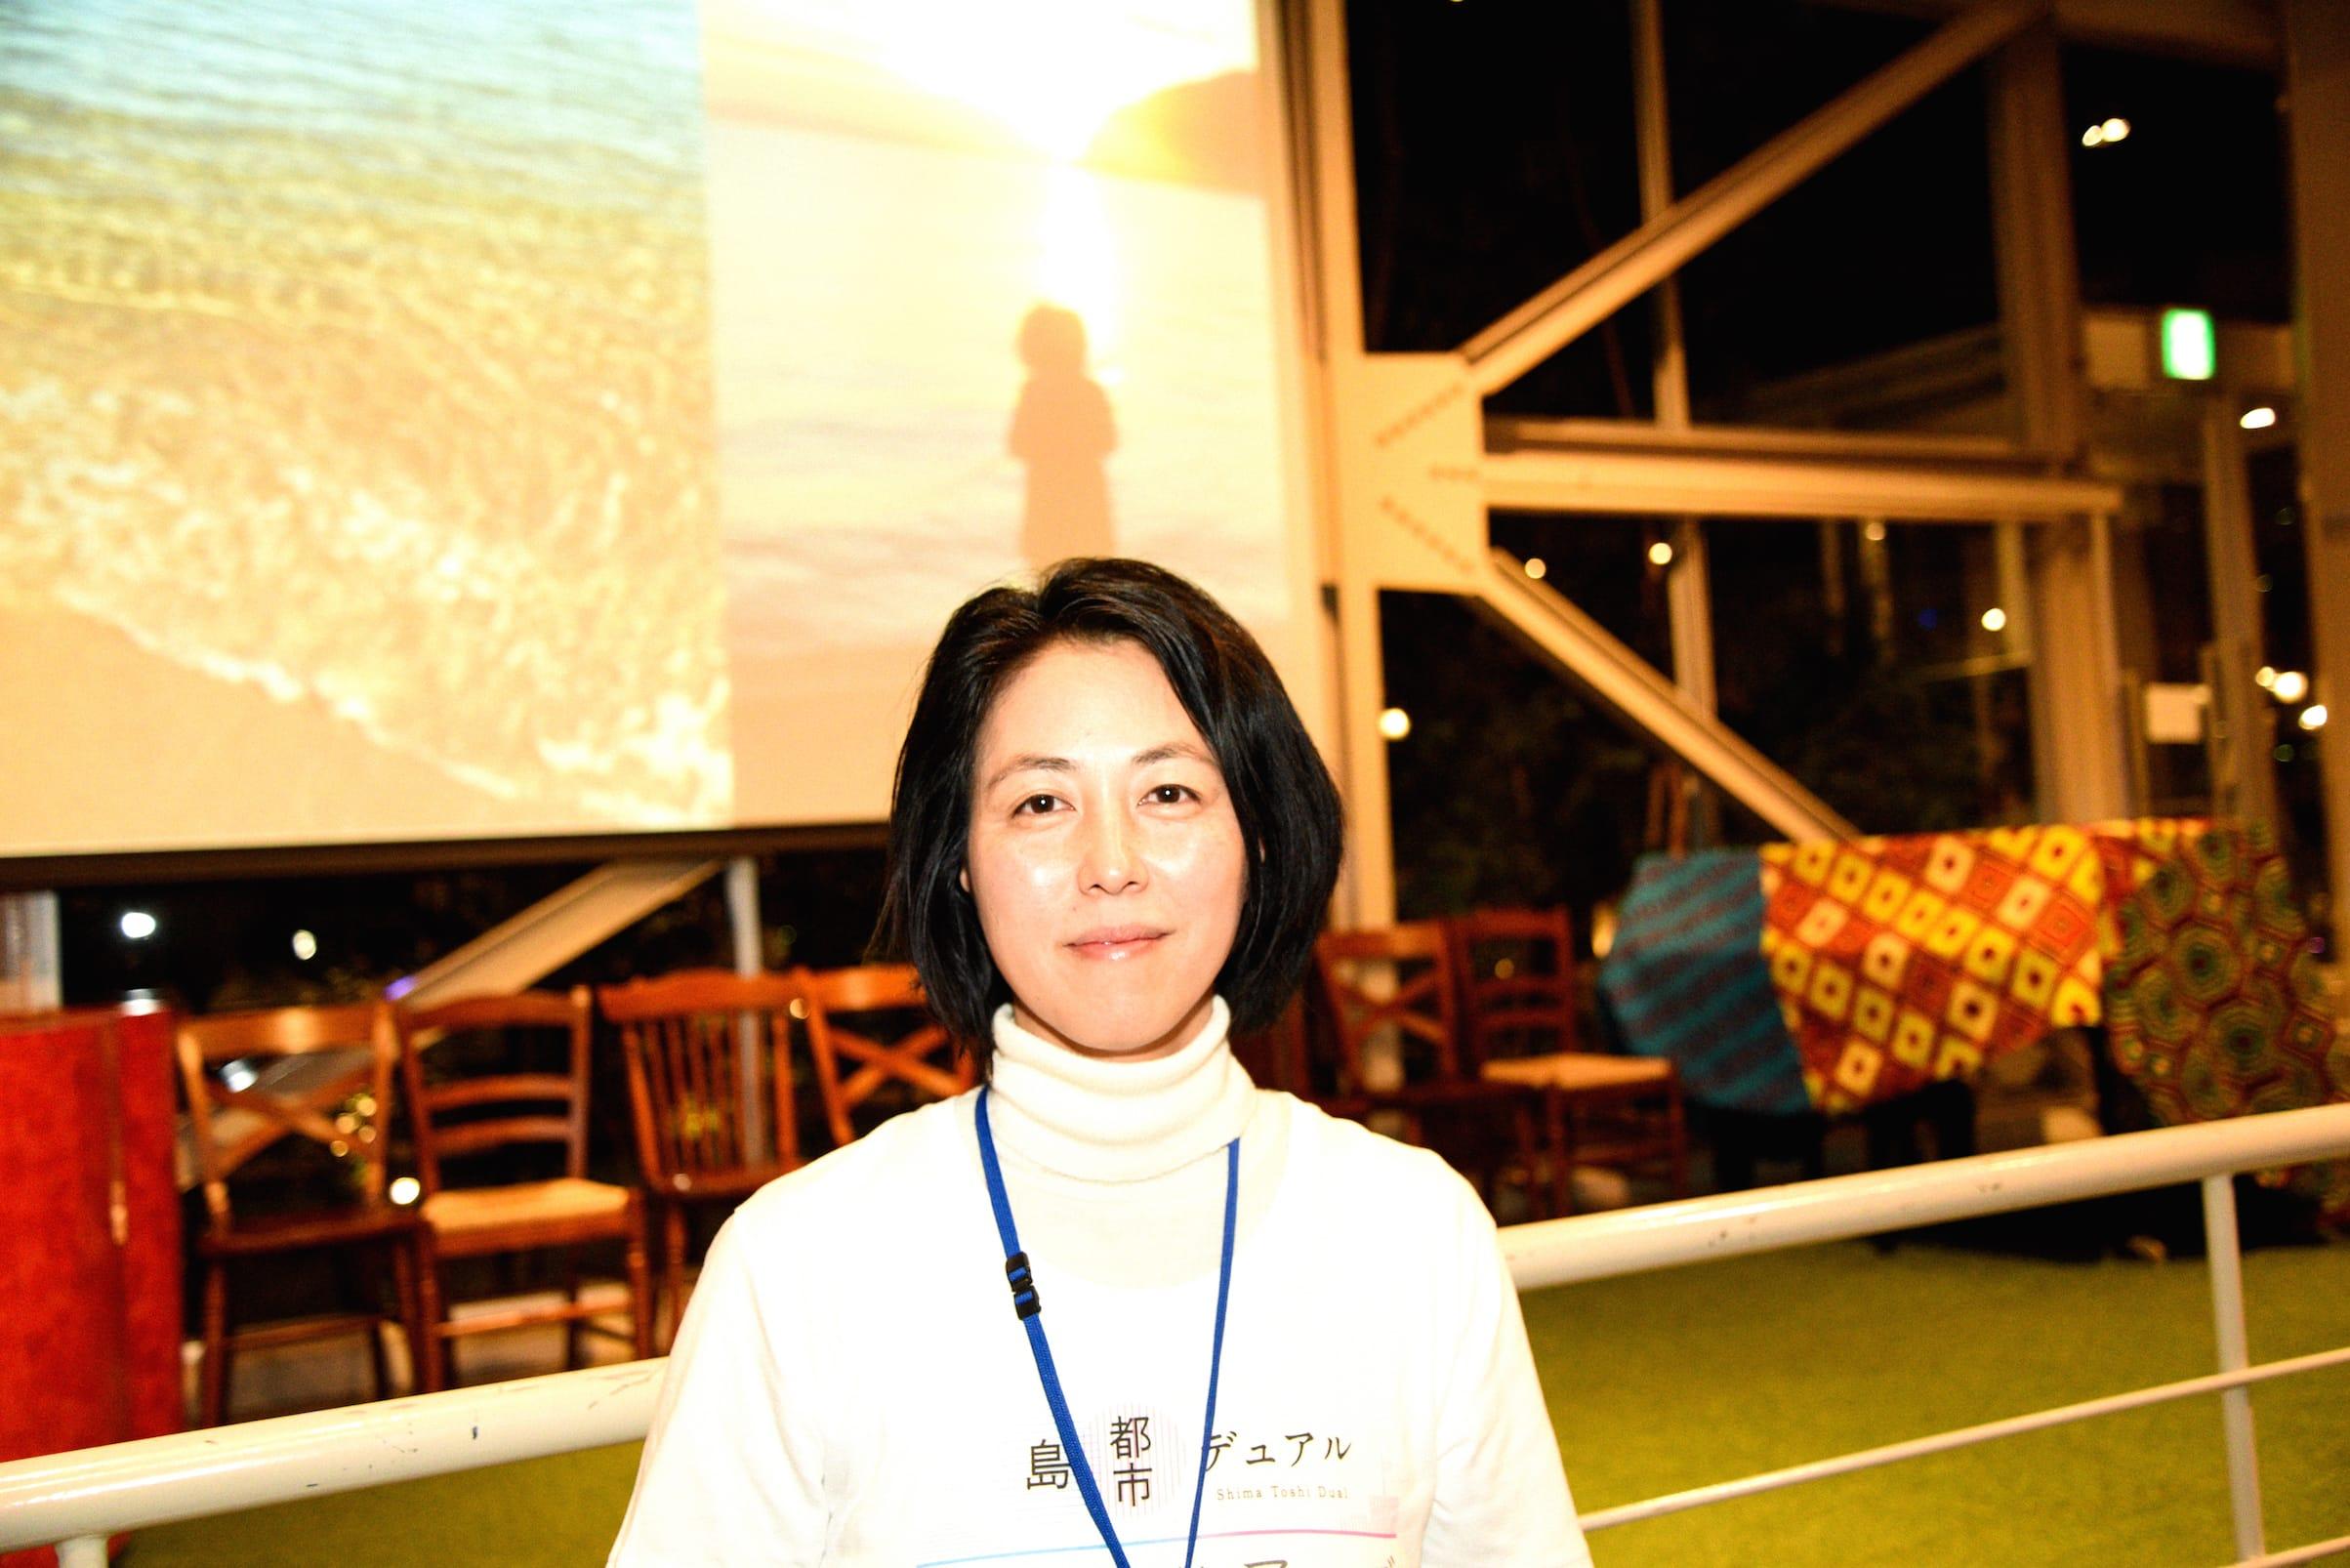 3年前に淡路市に移り住んだ暮らしナビゲーターの高木さん。淡路島に滞在する外国人との交流を楽しむツアーを企画中とのこと。